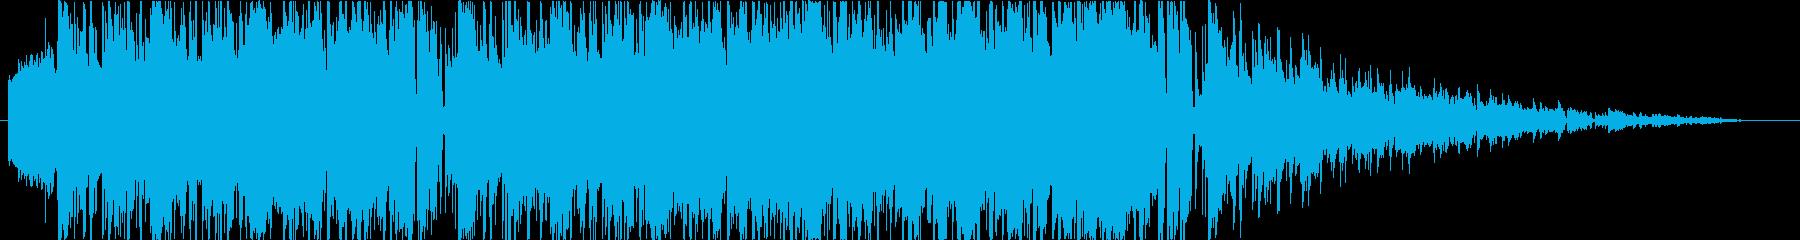 レトロゲーム風 ボス戦闘曲の再生済みの波形